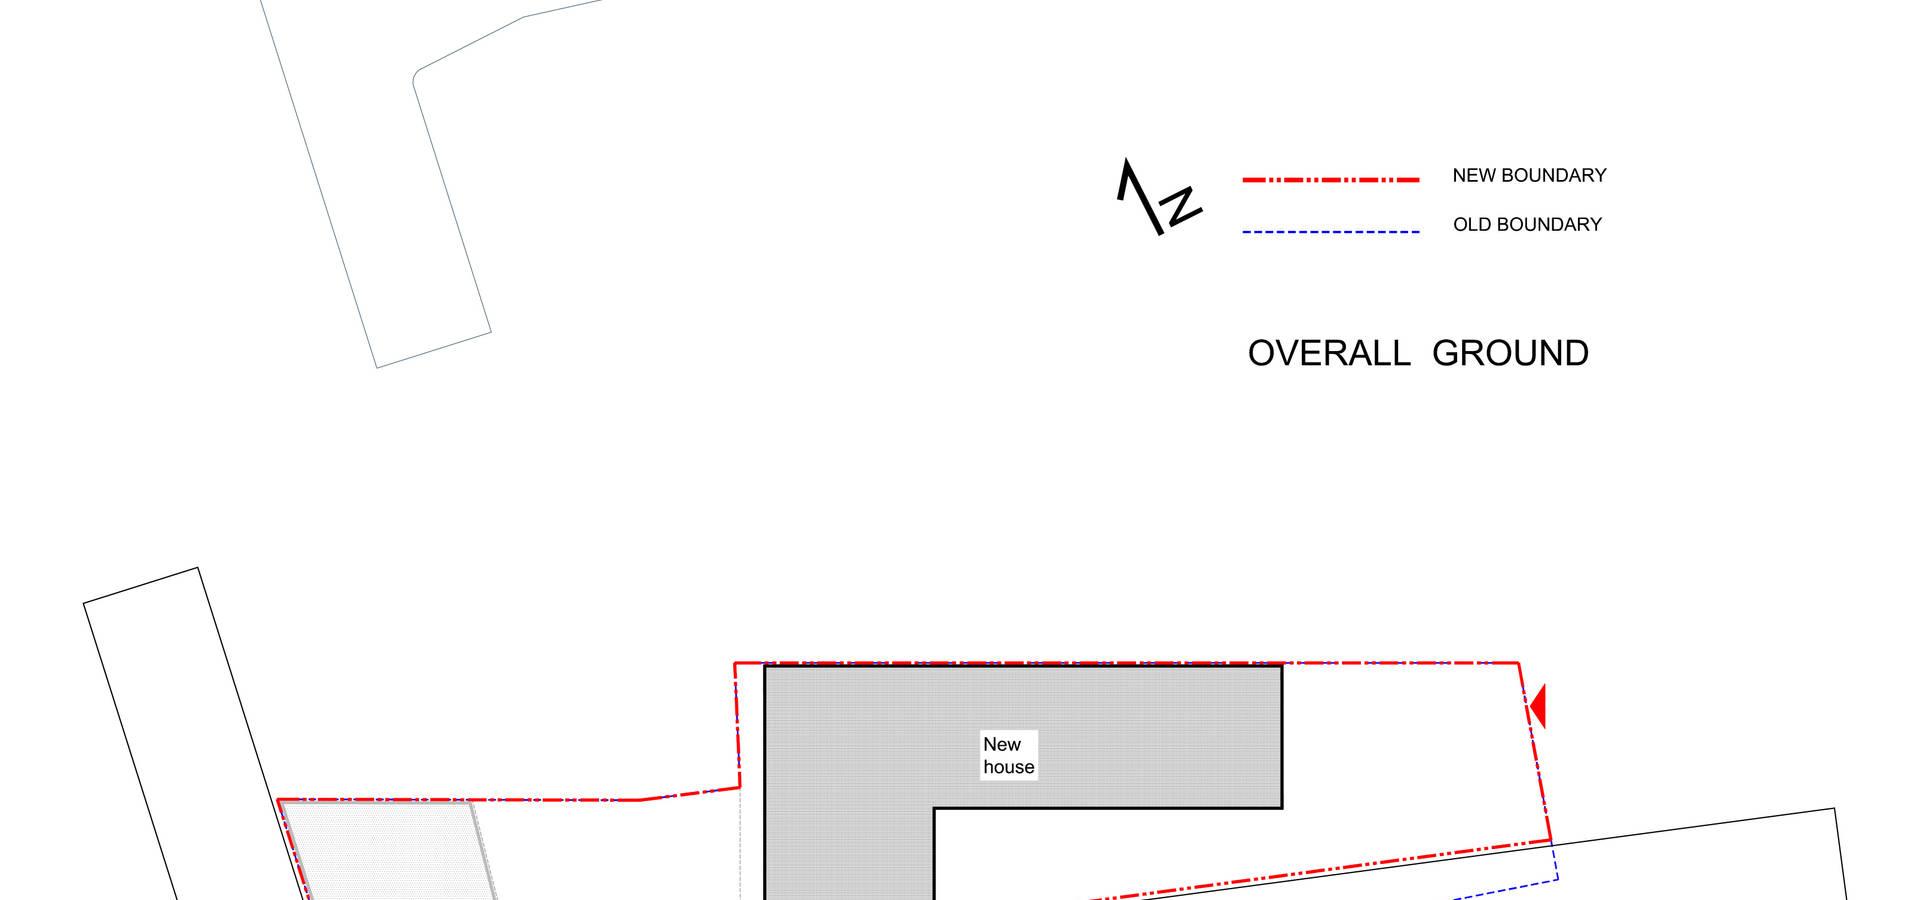 APDI Architecture